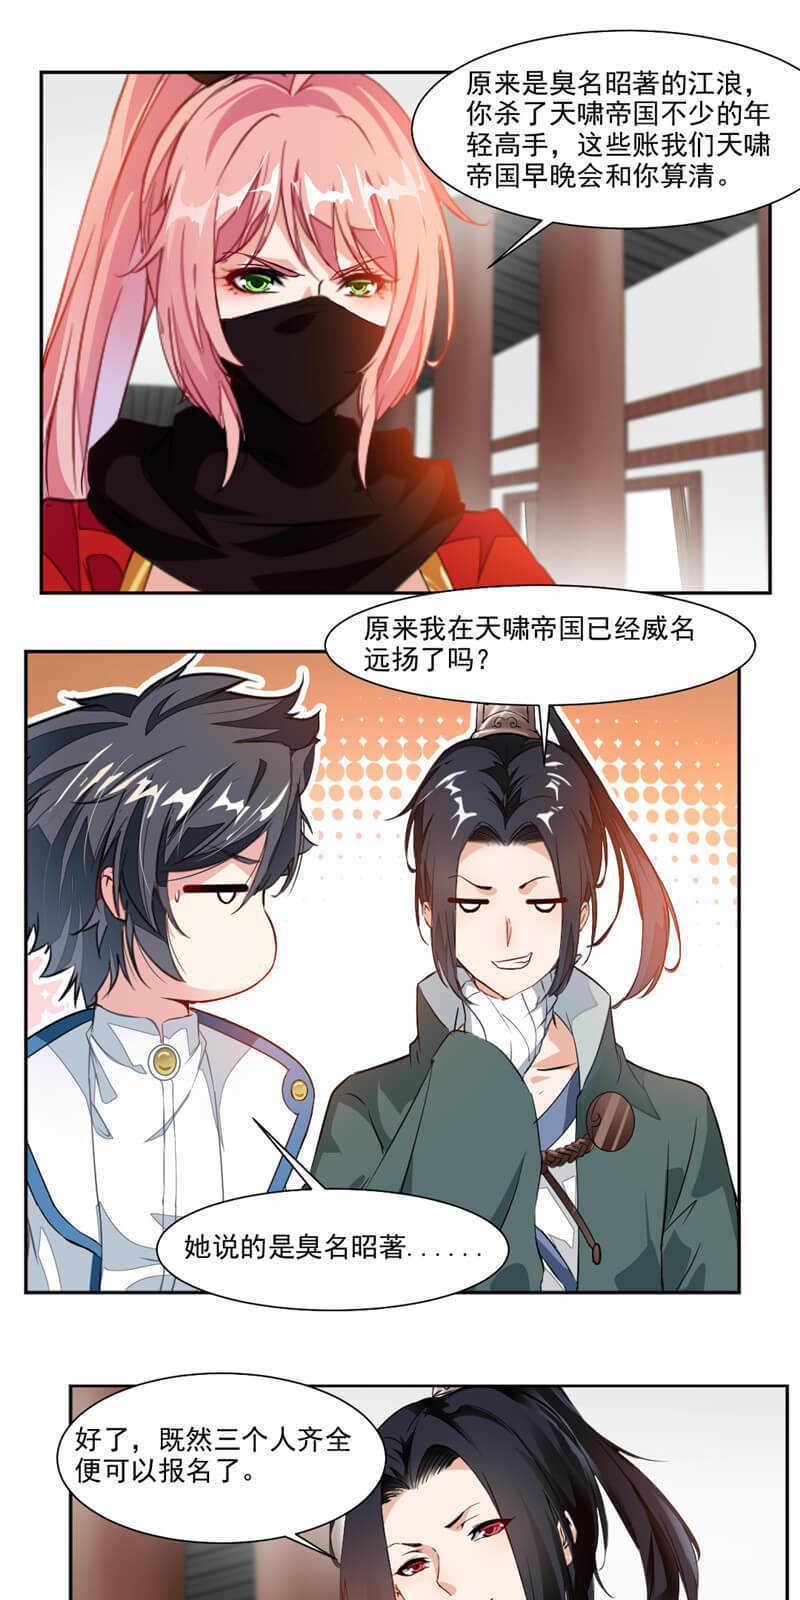 九阳神王第38话  潜龙武道会即将开始? 第 2